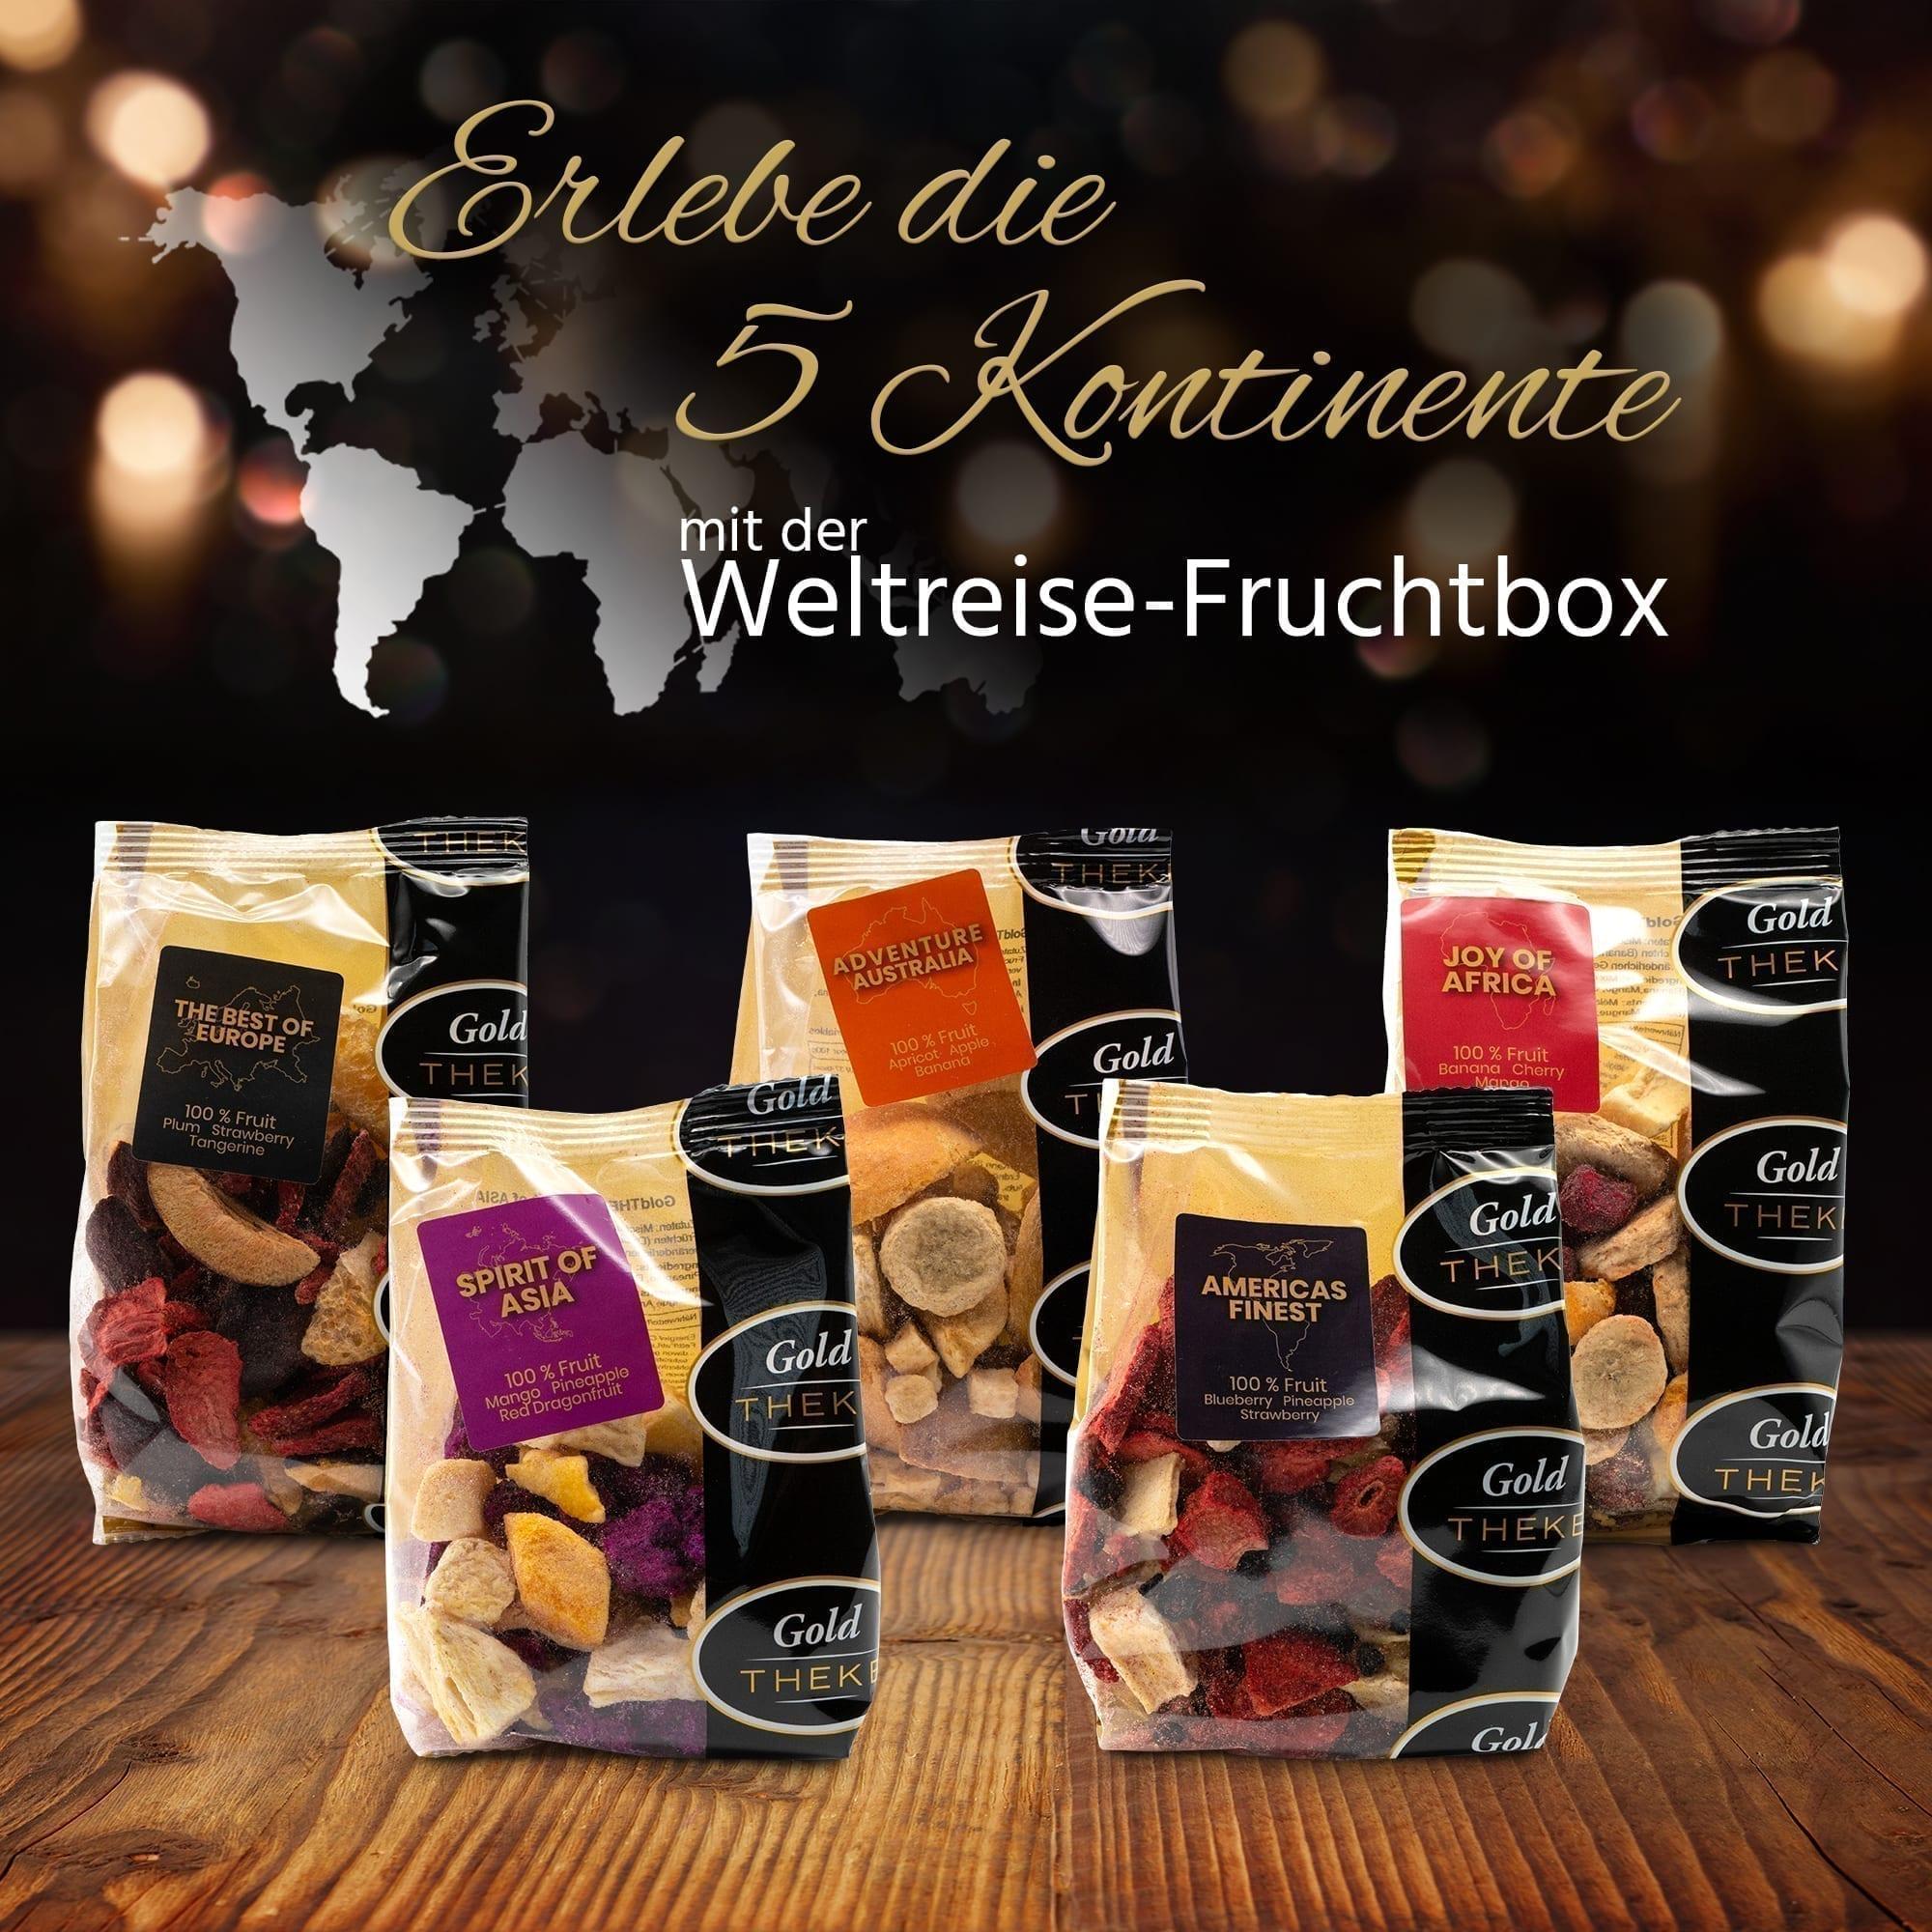 gefriergetrocknete Früchte - 5 Kontinente GoldTHEKE